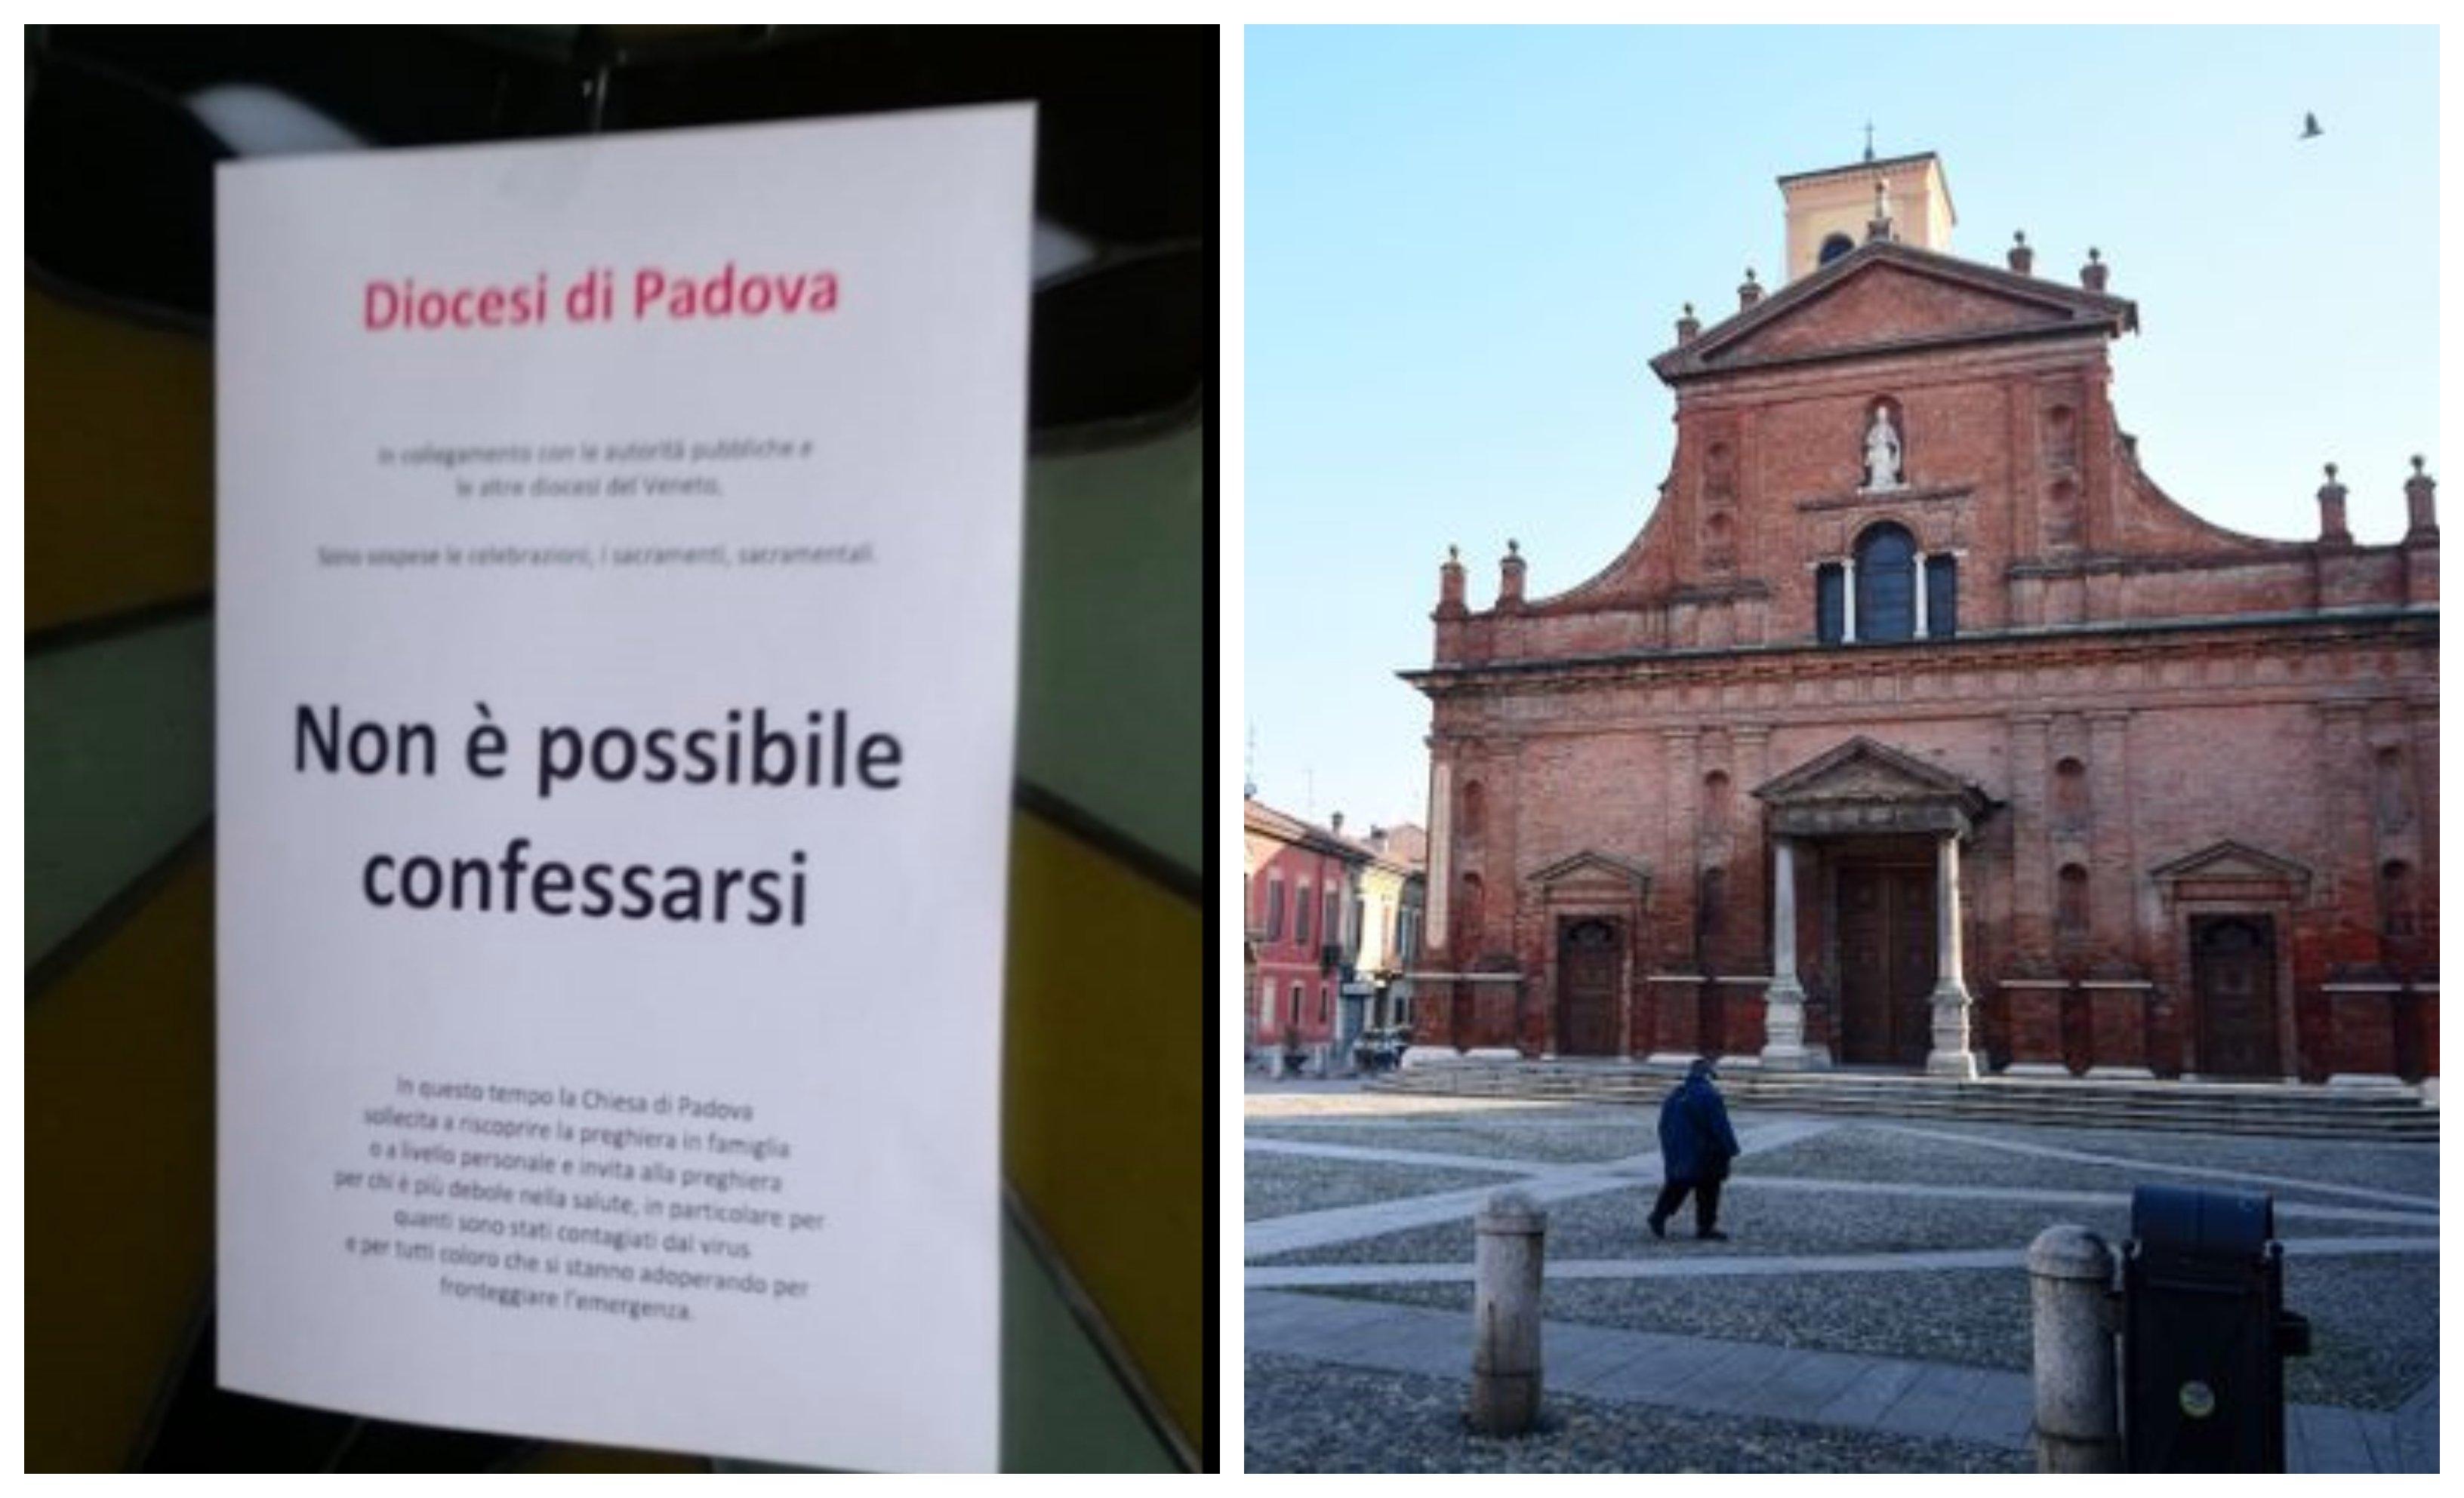 Iglesias en Italia cerradas por el coronavirus